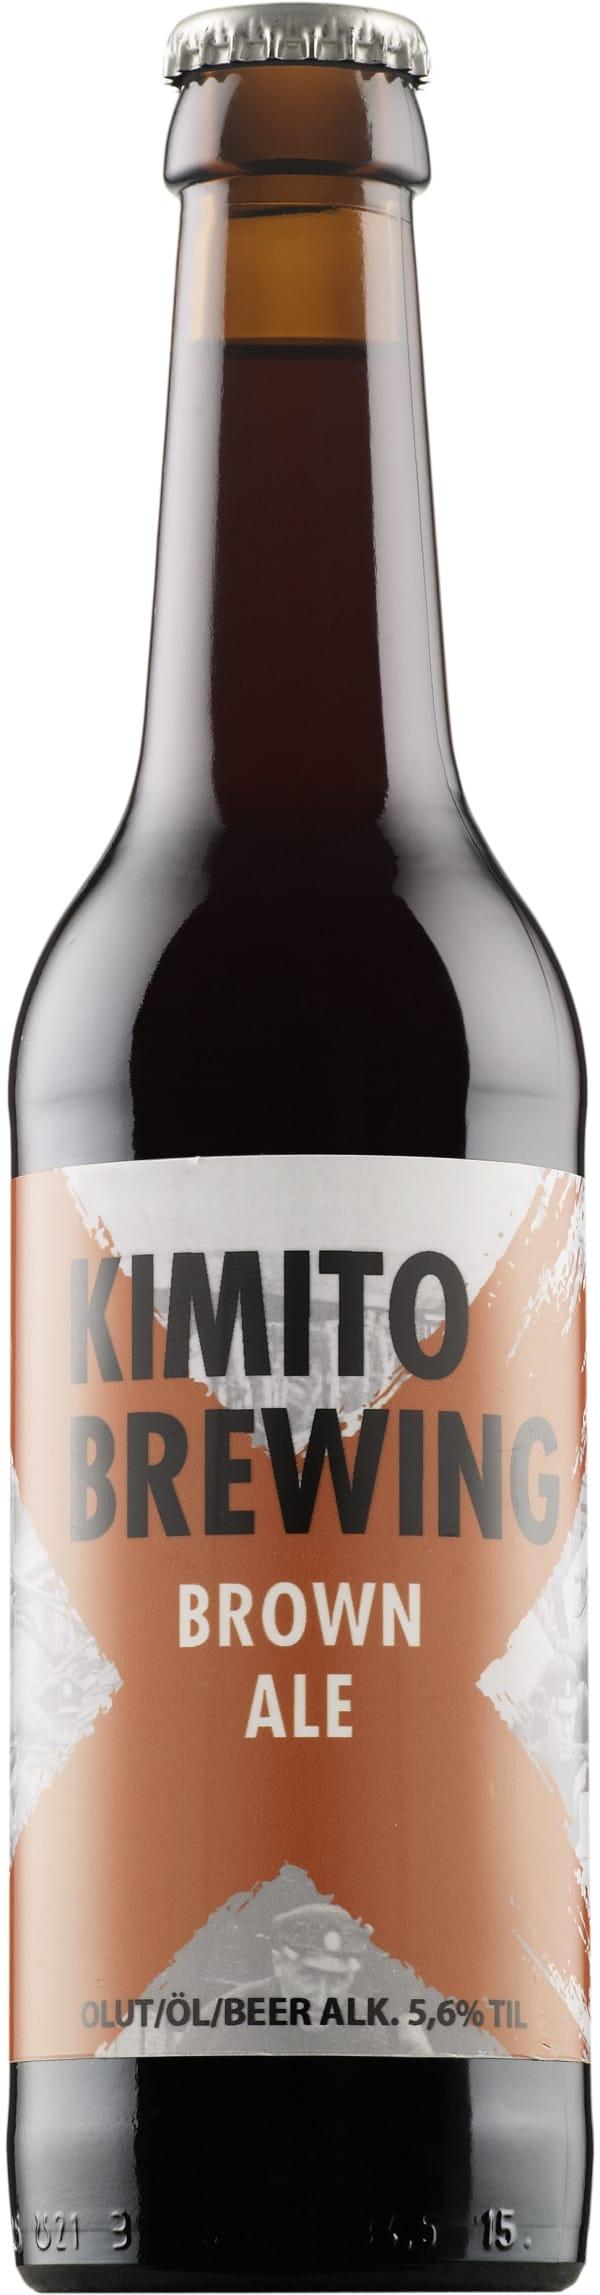 Kimito Brewing Brown Ale